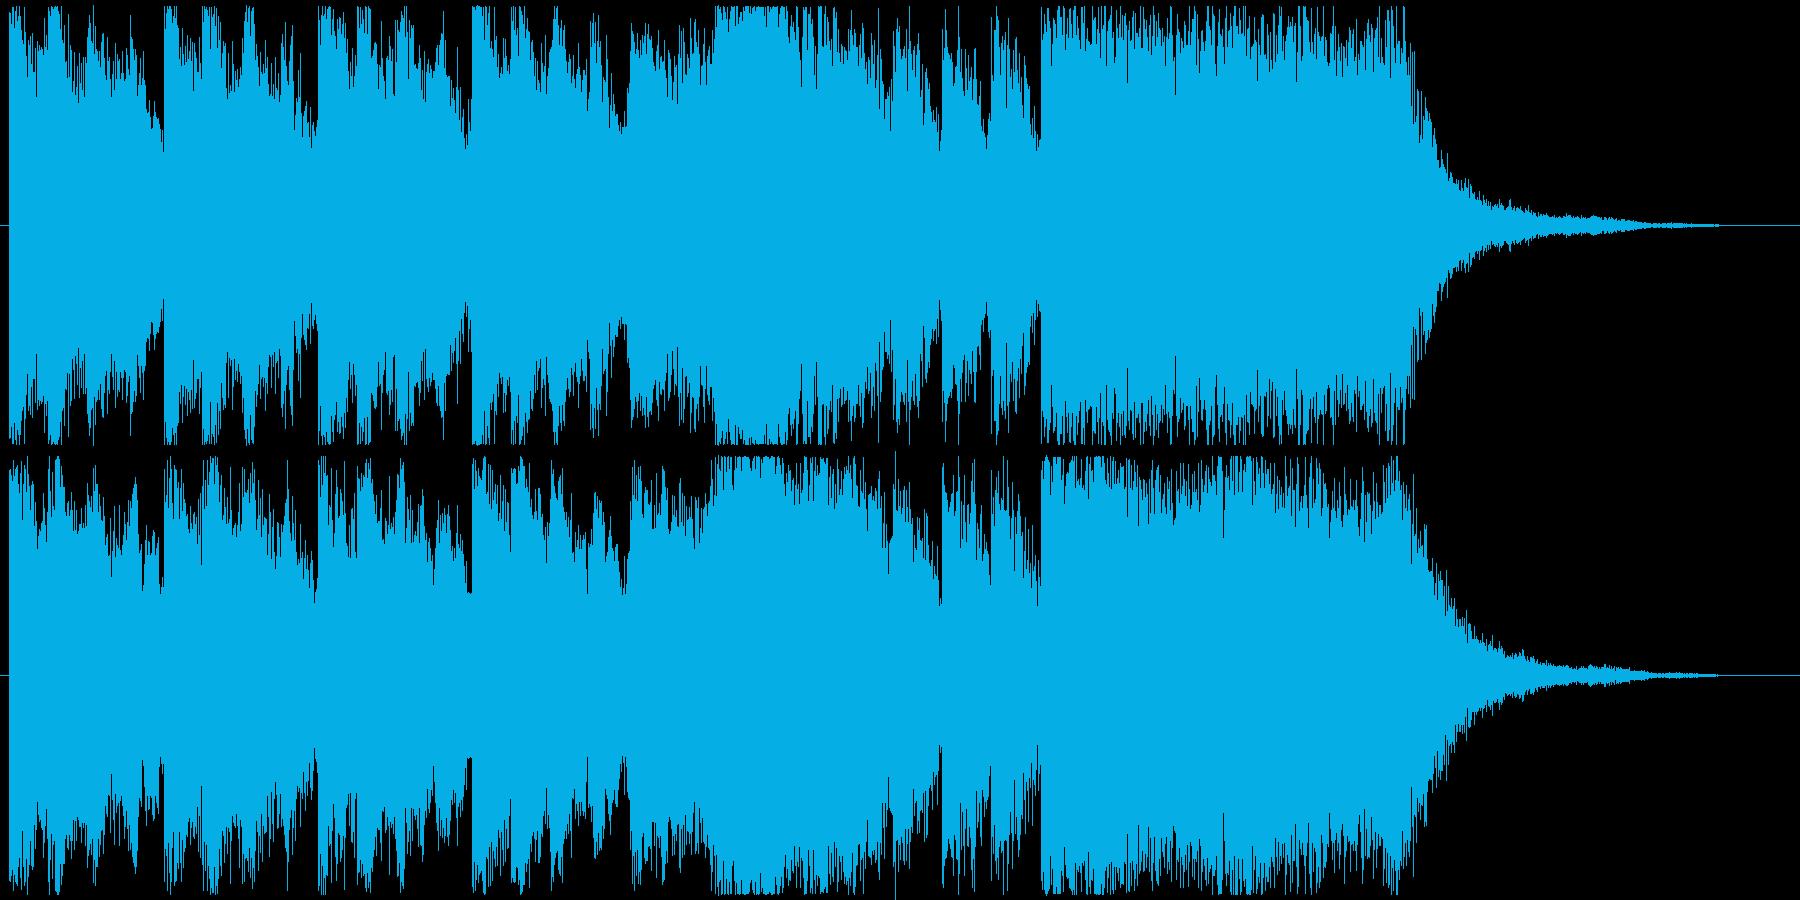 特撮、SF映画、アニメのタイトルバック曲の再生済みの波形